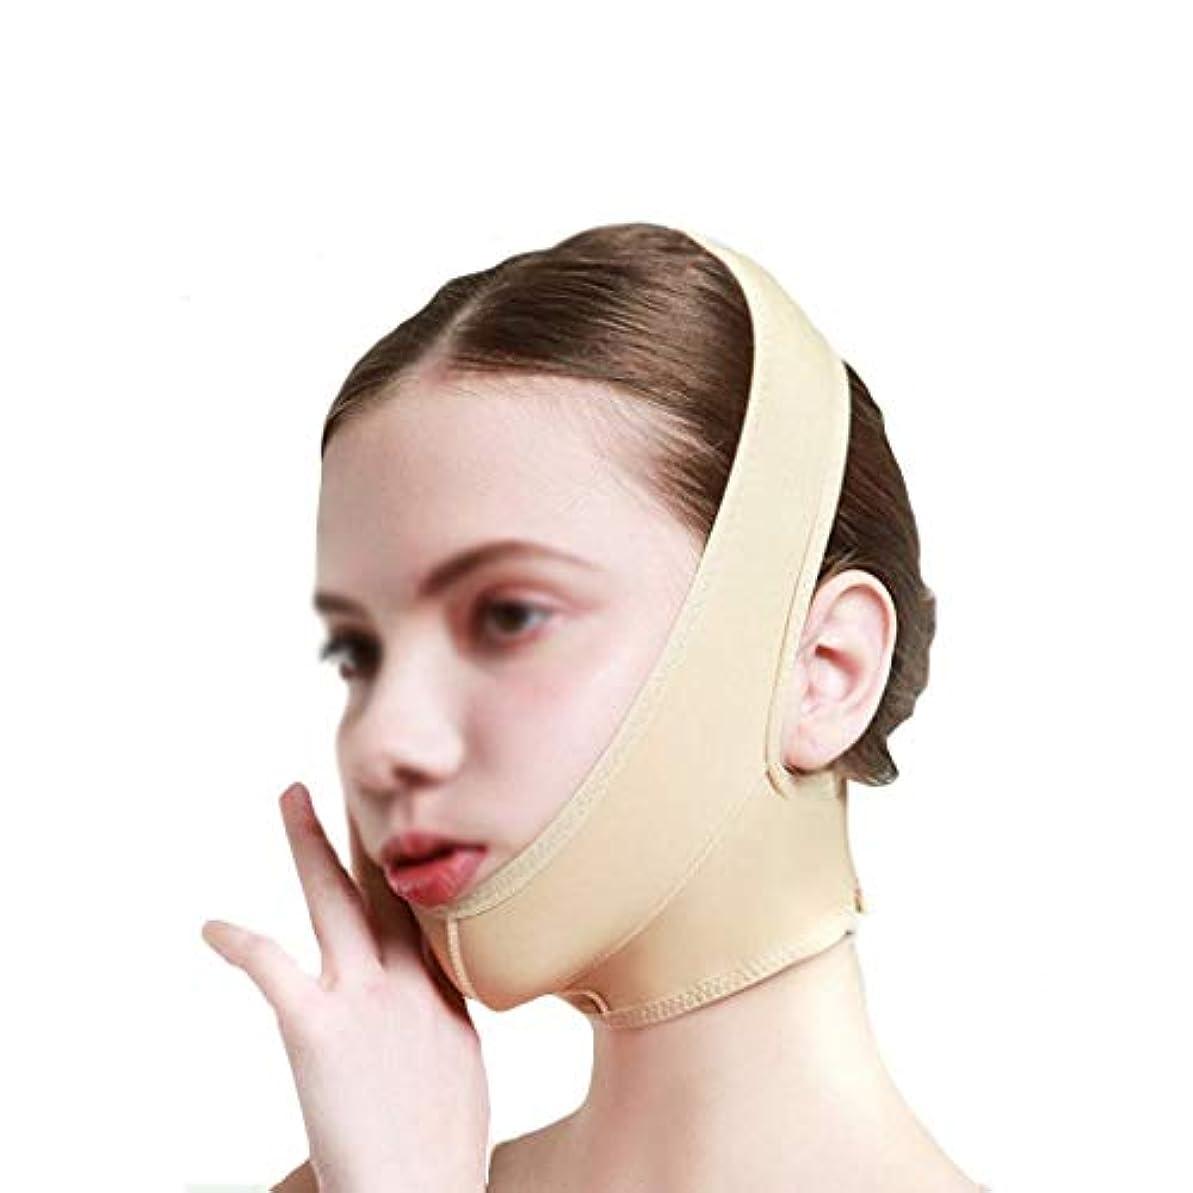 土舌異邦人ダブルチンリデューサー、フェイススリミングマスク、フェイスリフティング、ストレッチマスク、ダブルチン、浮腫緩和、ケアツール、通気性(サイズ:XL),XL